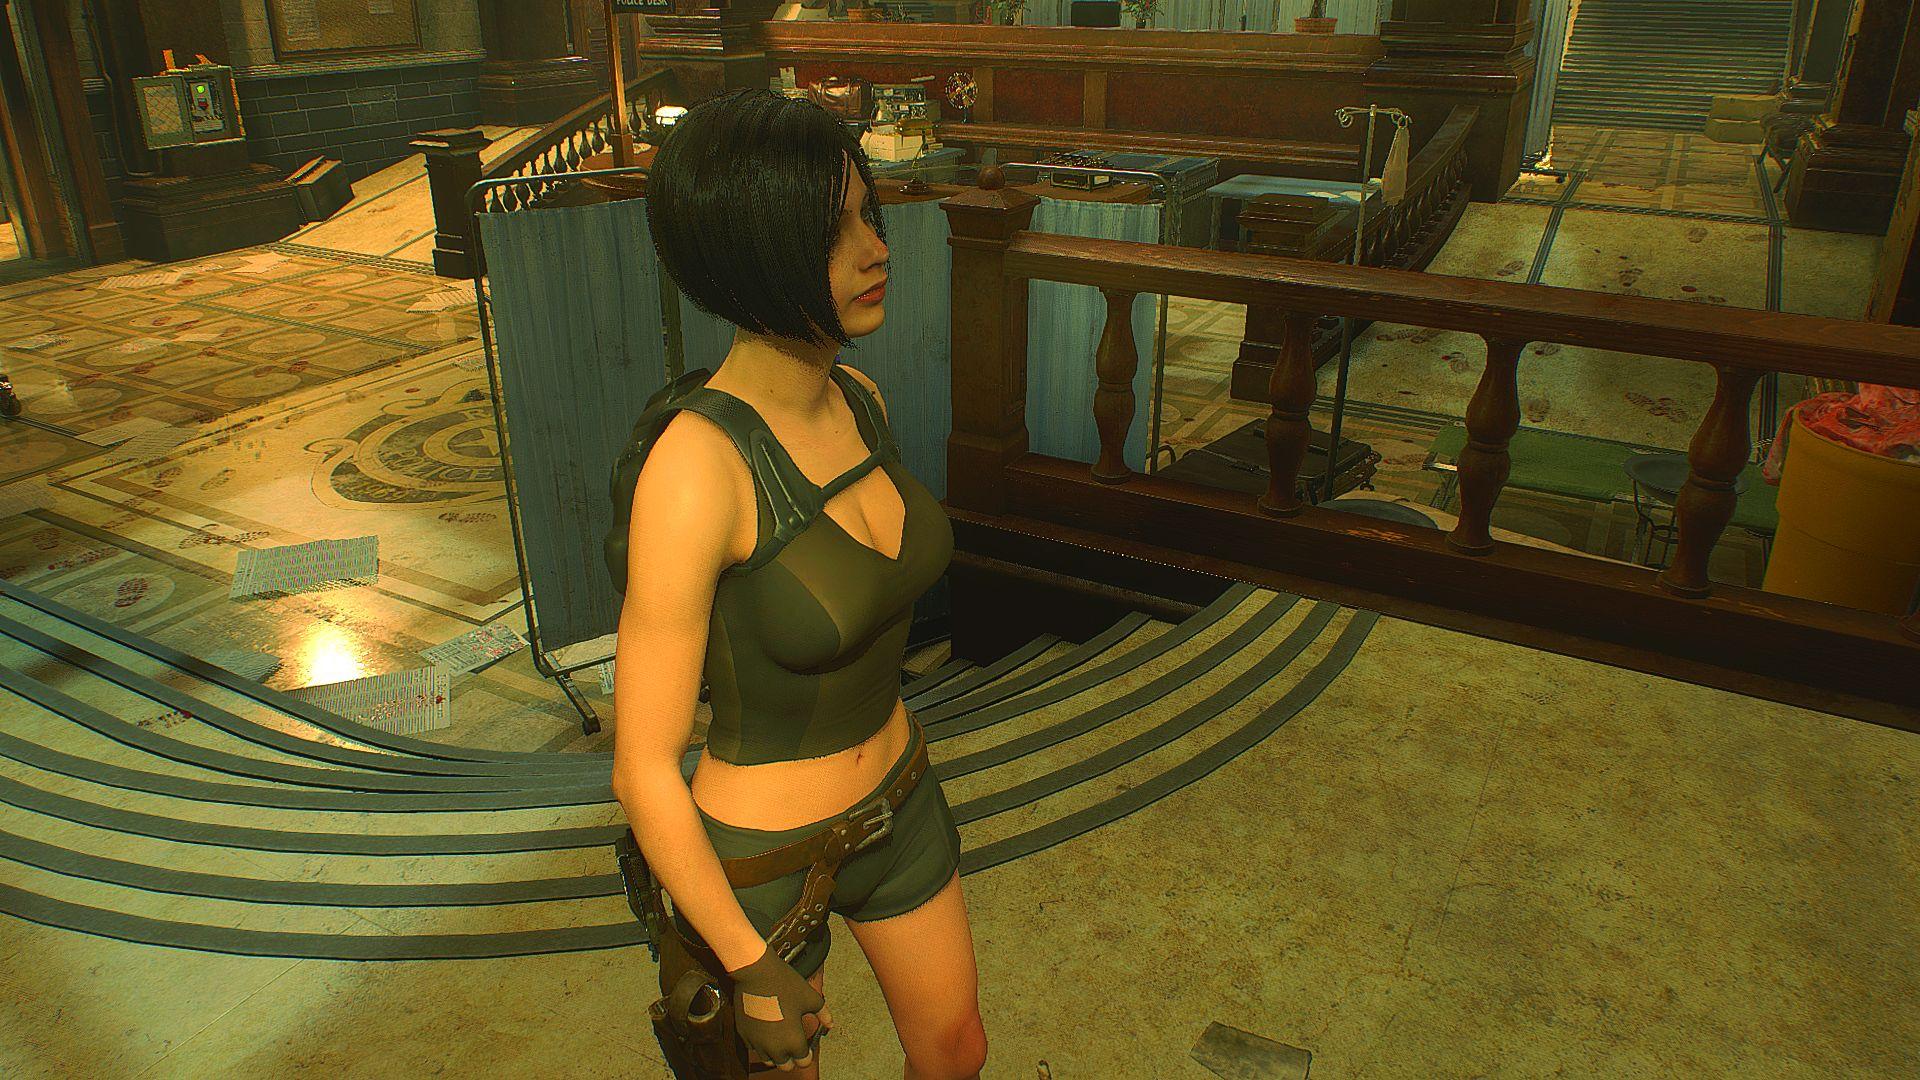 00071.Jpg - Resident Evil 2